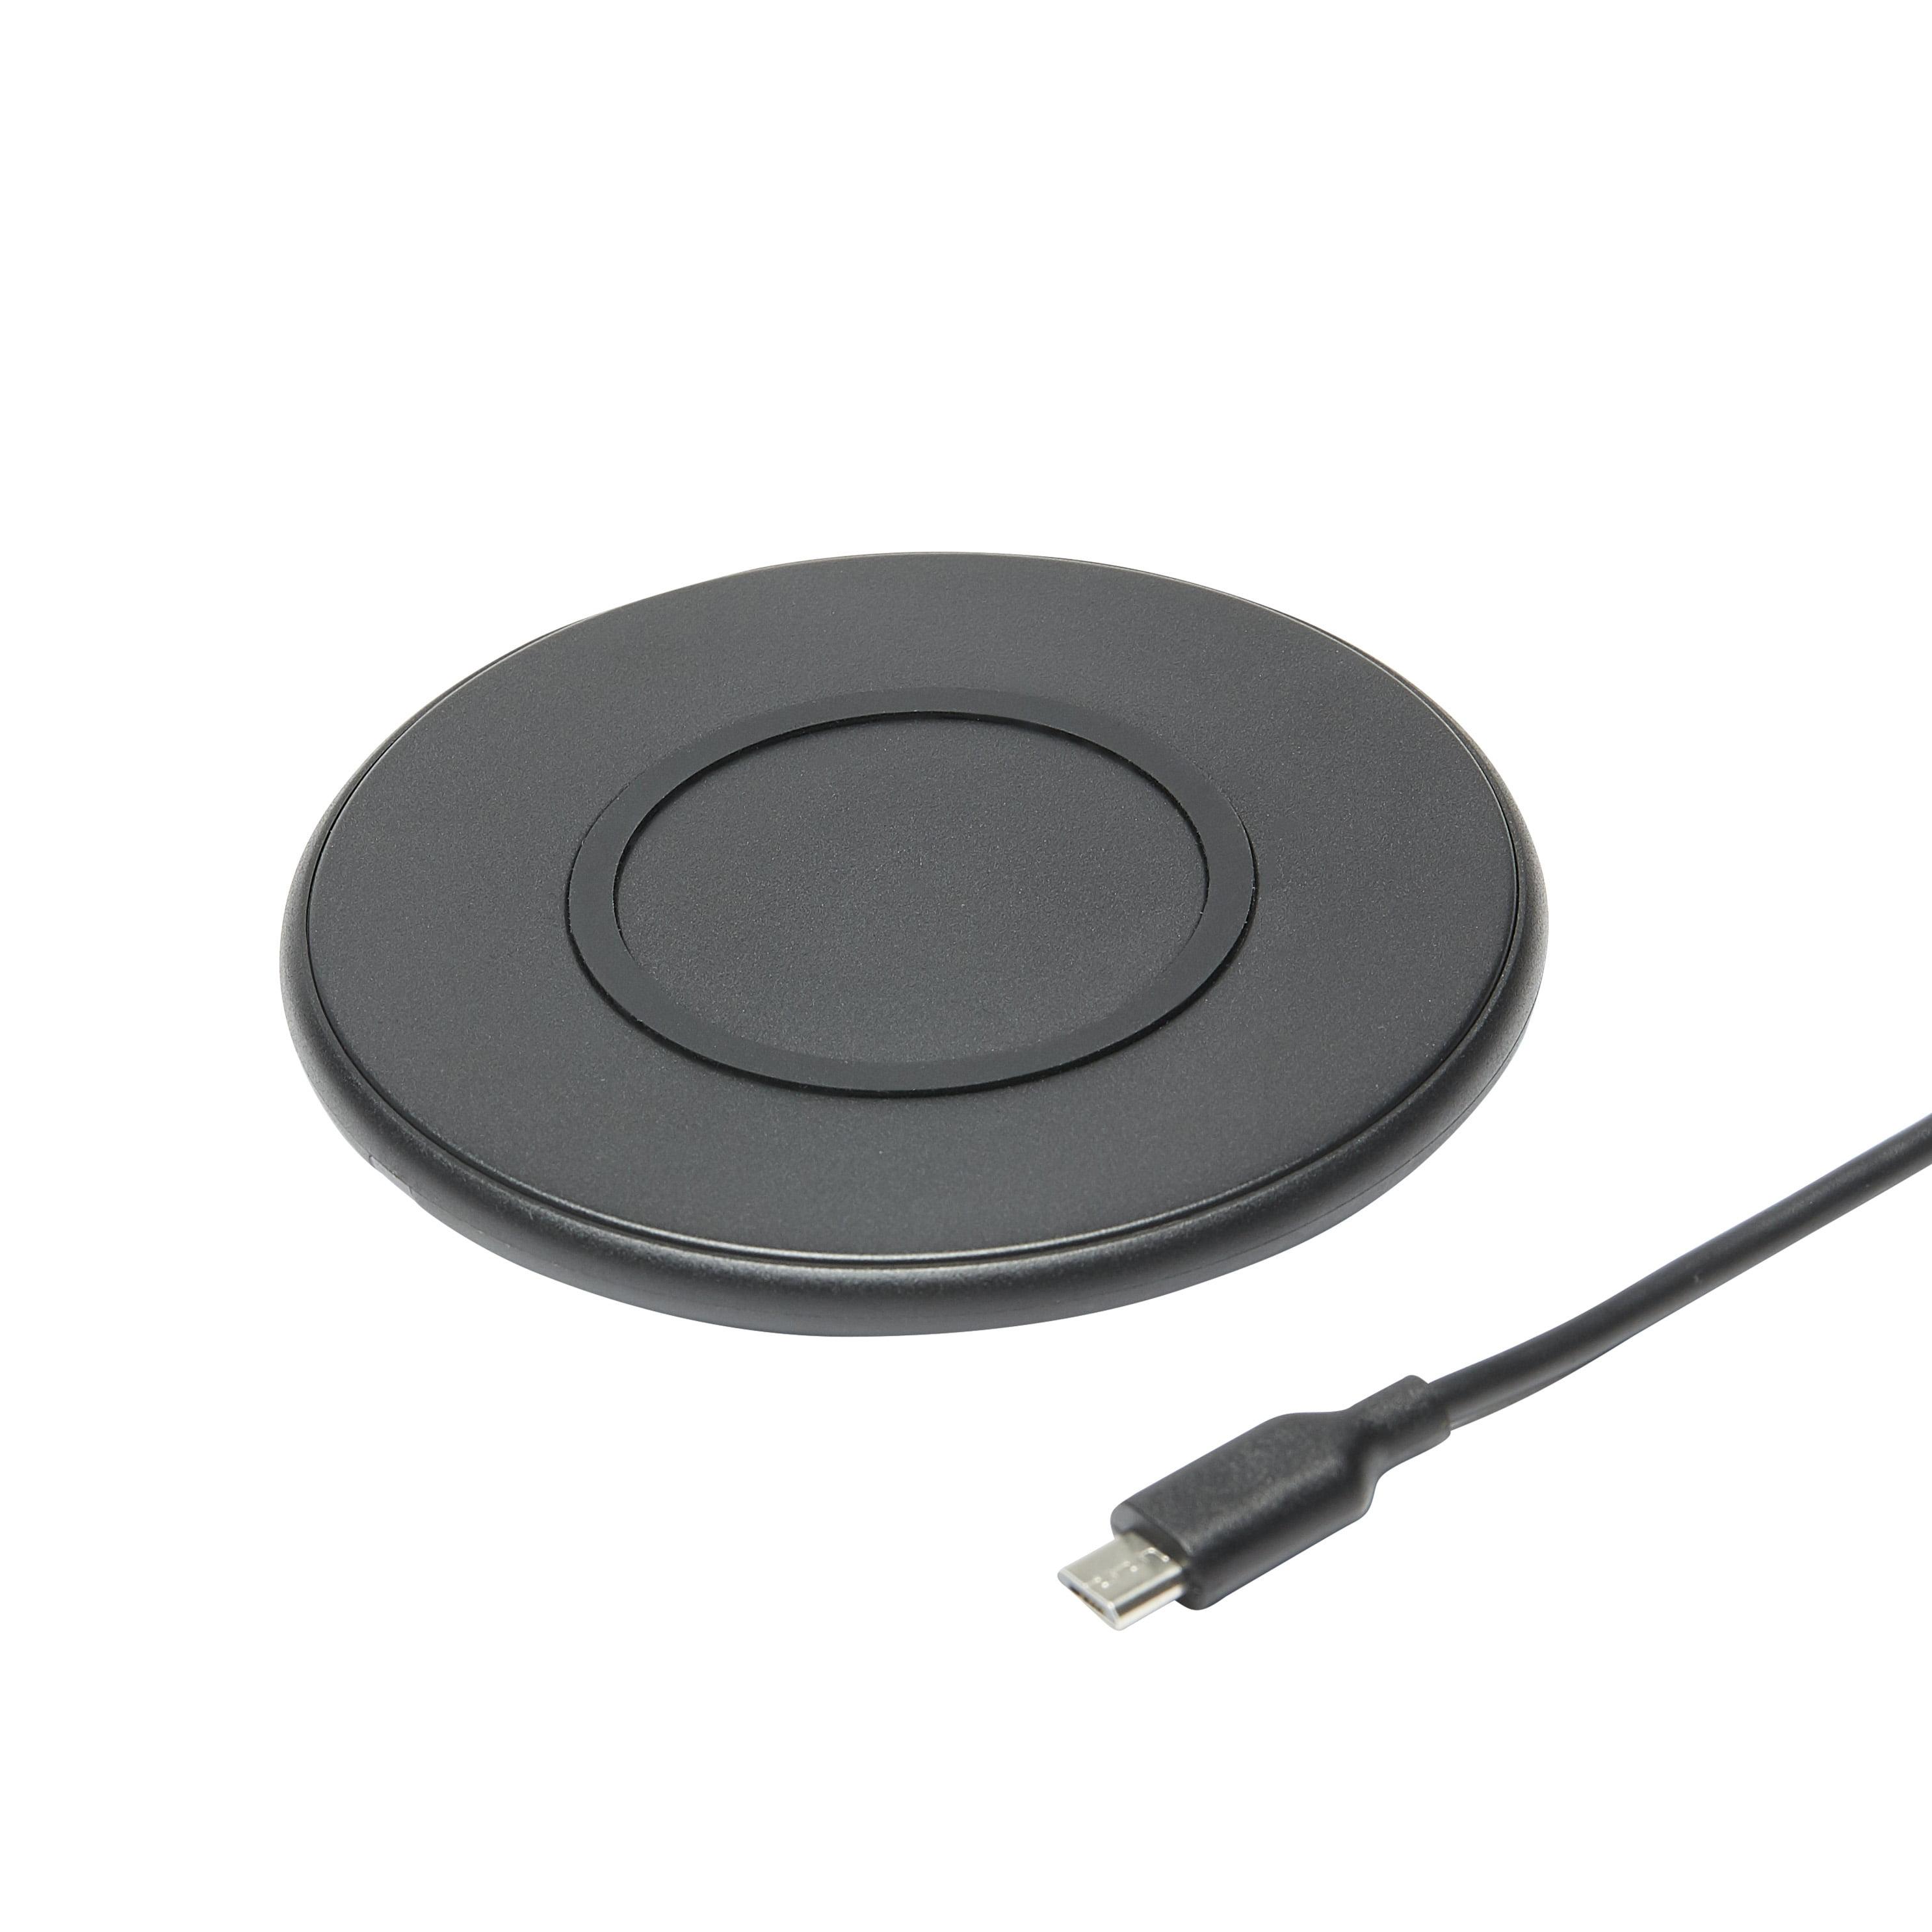 onn. 5W Wireless Charging Pad, Black